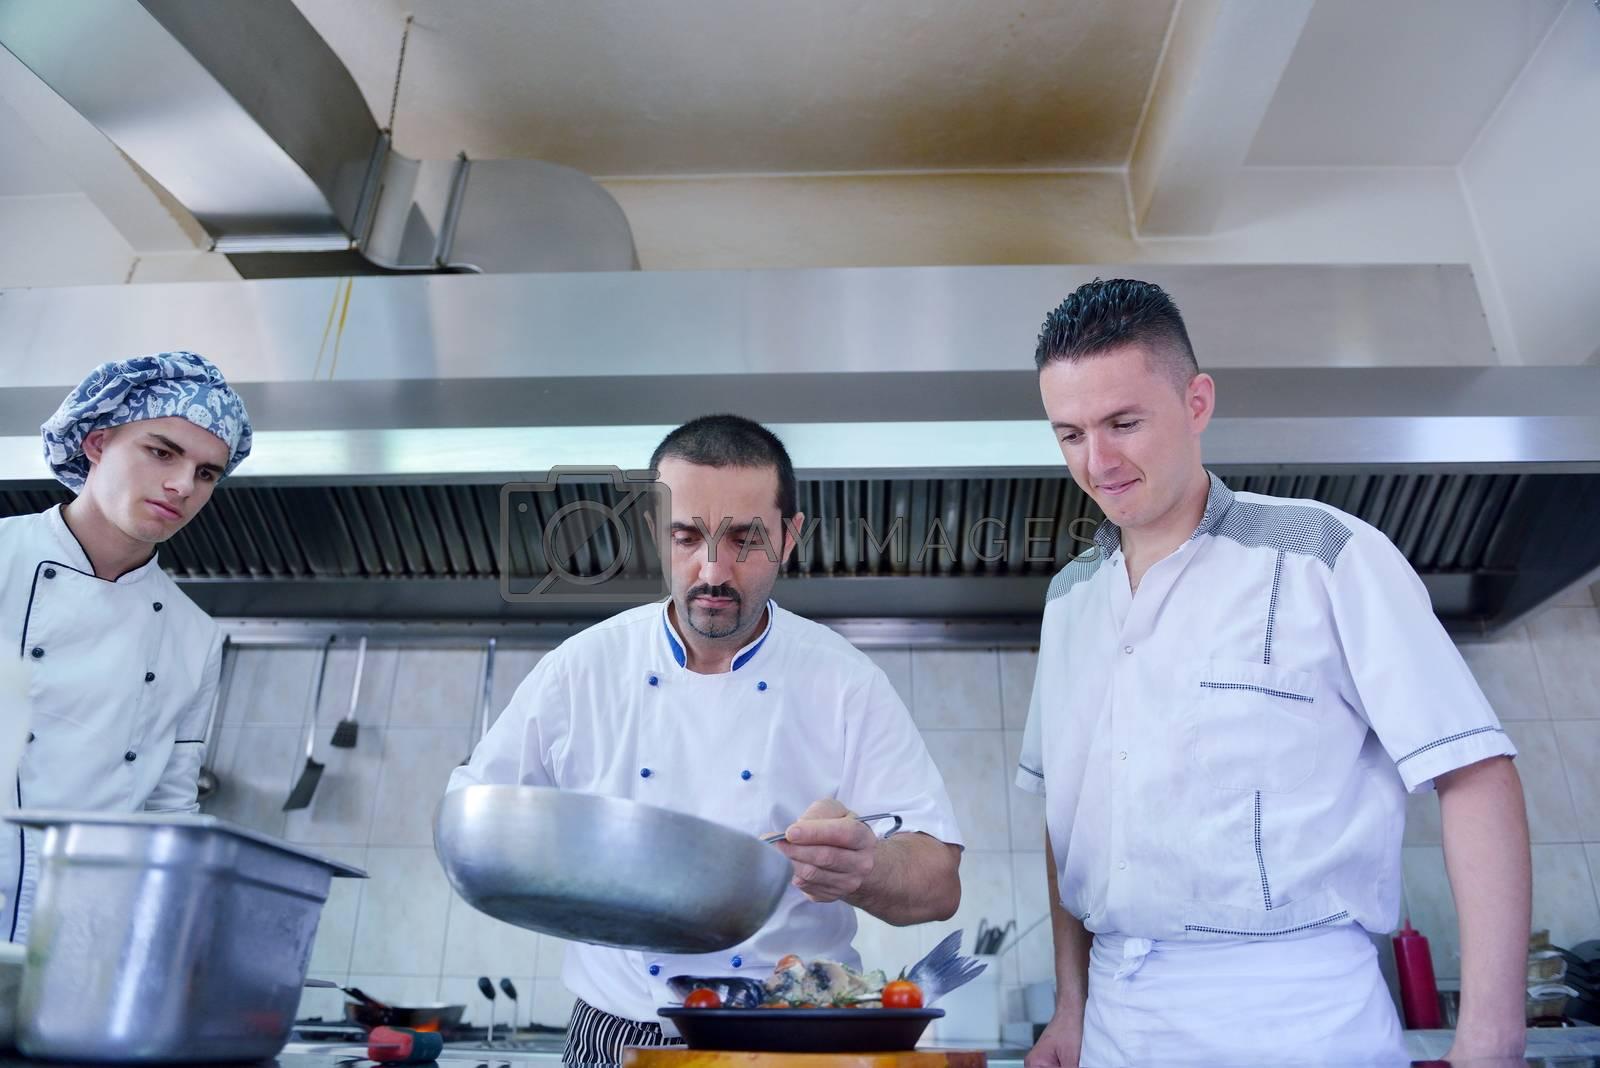 chef preparing food by .shock